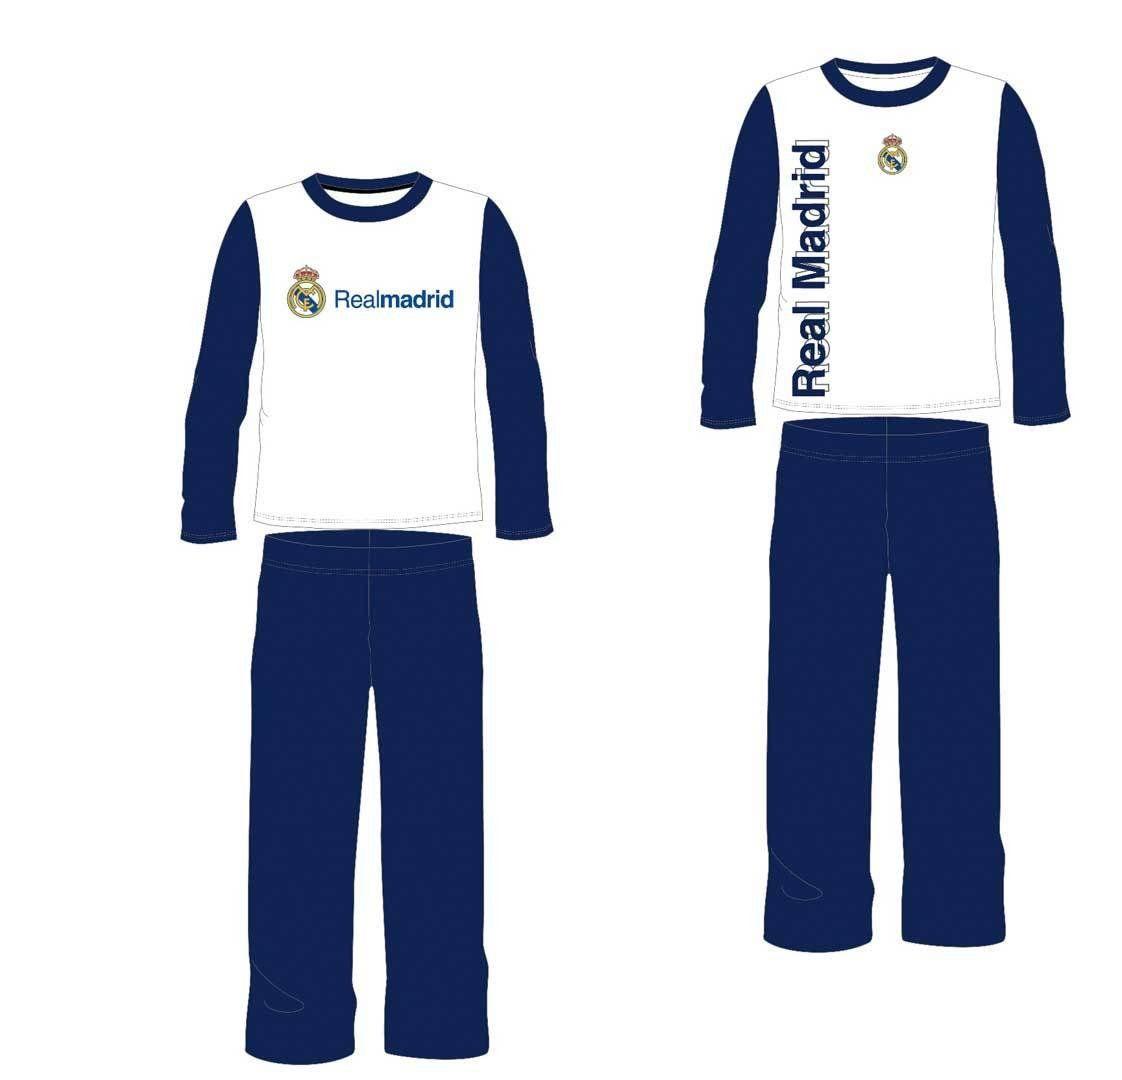 Pijamas invierno real madrid Este artículo lo encontrará en nuestra tienda  on line de complementos www.worldmagic.es info 951381126 Productos oficiales 08fa984615866